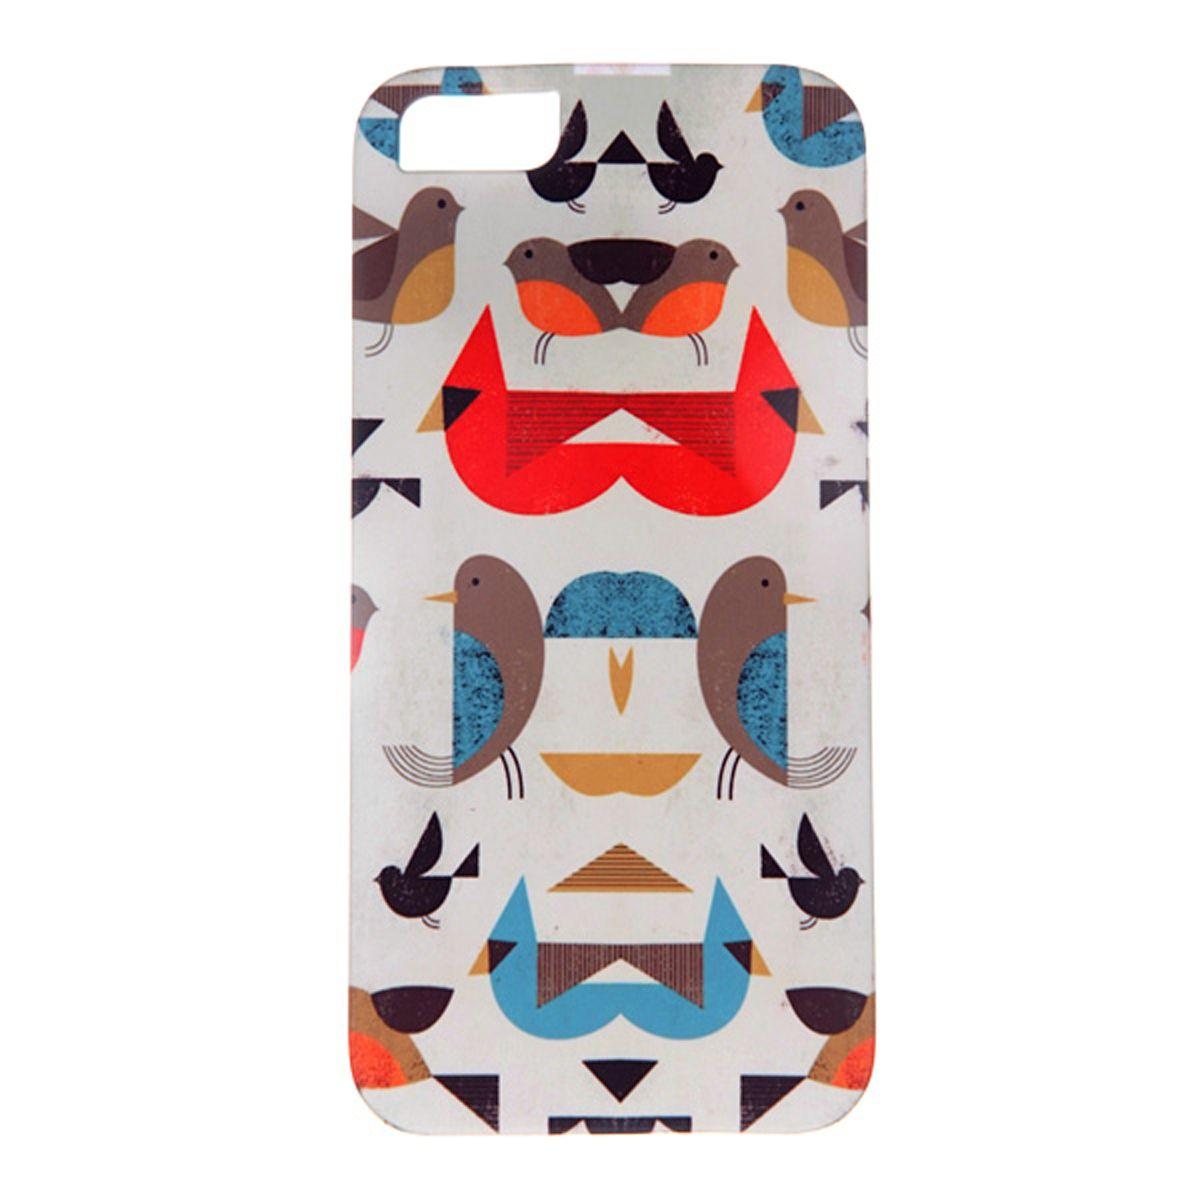 Mitya Veselkov Птички-невелички чехол для Apple iPhone 5/5sIP5.МITYA-014Превосходный чехол Mitya Veselkov Птички-невелички для Apple iPhone 5 - для любителей заметных аксессуаров. Накладка придаст вашему телефону индивидуальность и послужит прекрасной защитой от ударов и царапин. Чехол также обеспечивает свободный доступ ко всем разъемам и клавишам устройства.